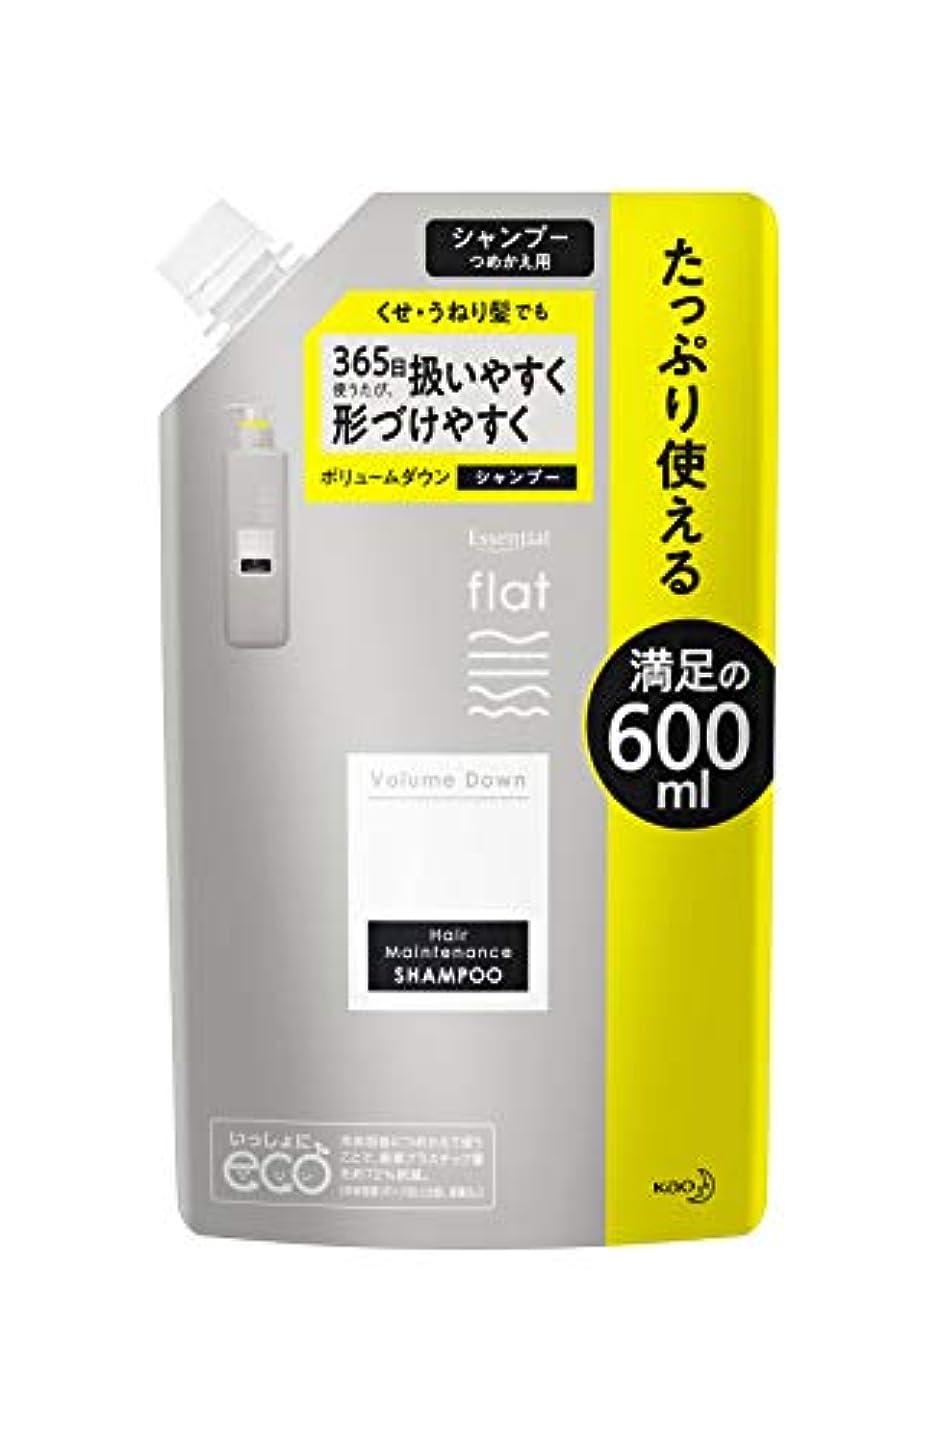 熟達ノート少ないflat(フラット) 【大容量】 エッセンシャル フラット ボリュームダウン シャンプー くせ毛 うねり髪 毛先 広がりにくい ストレートヘア ゴワつき除去成分配合 (洗浄成分) 詰替 600ml リフレッシュフローラルの香り